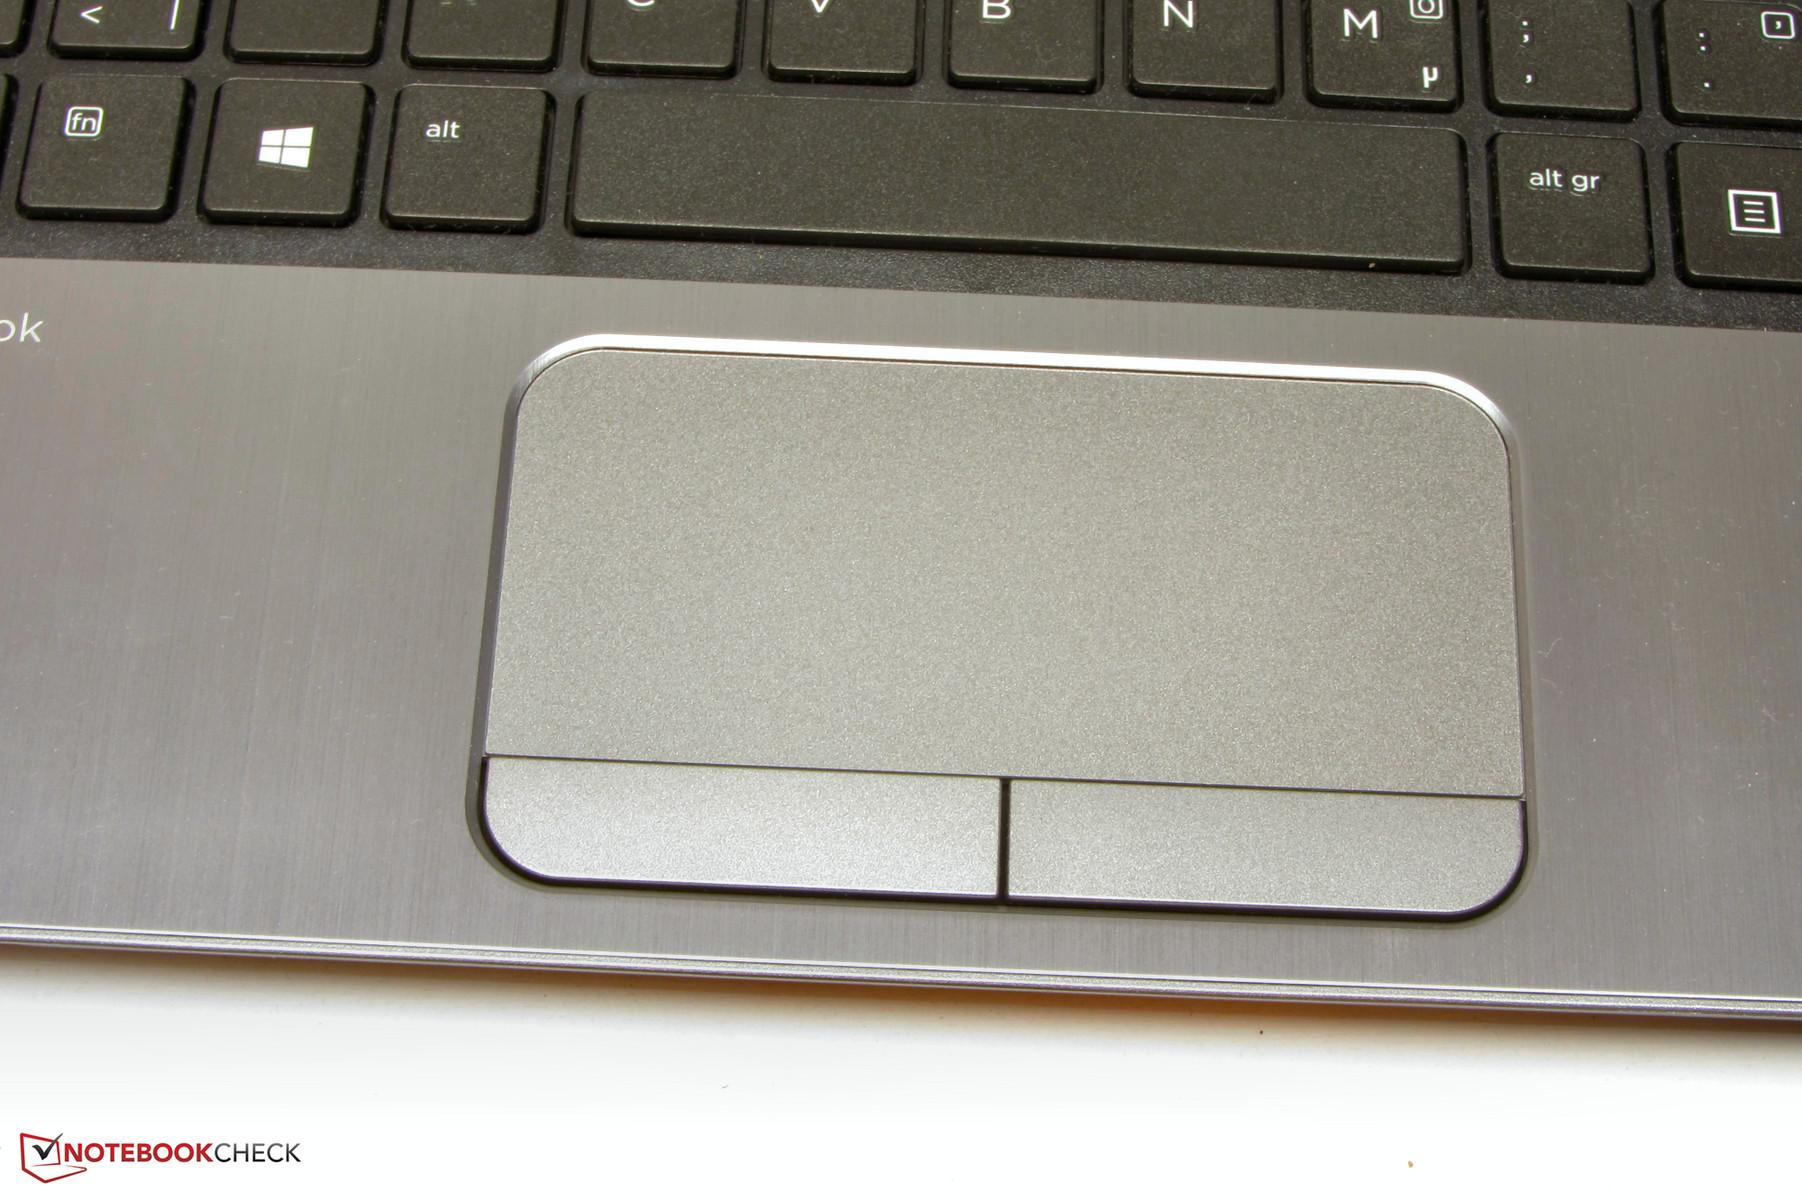 HP ProBook 430 G2 Notebook Review Update - NotebookCheck net Reviews